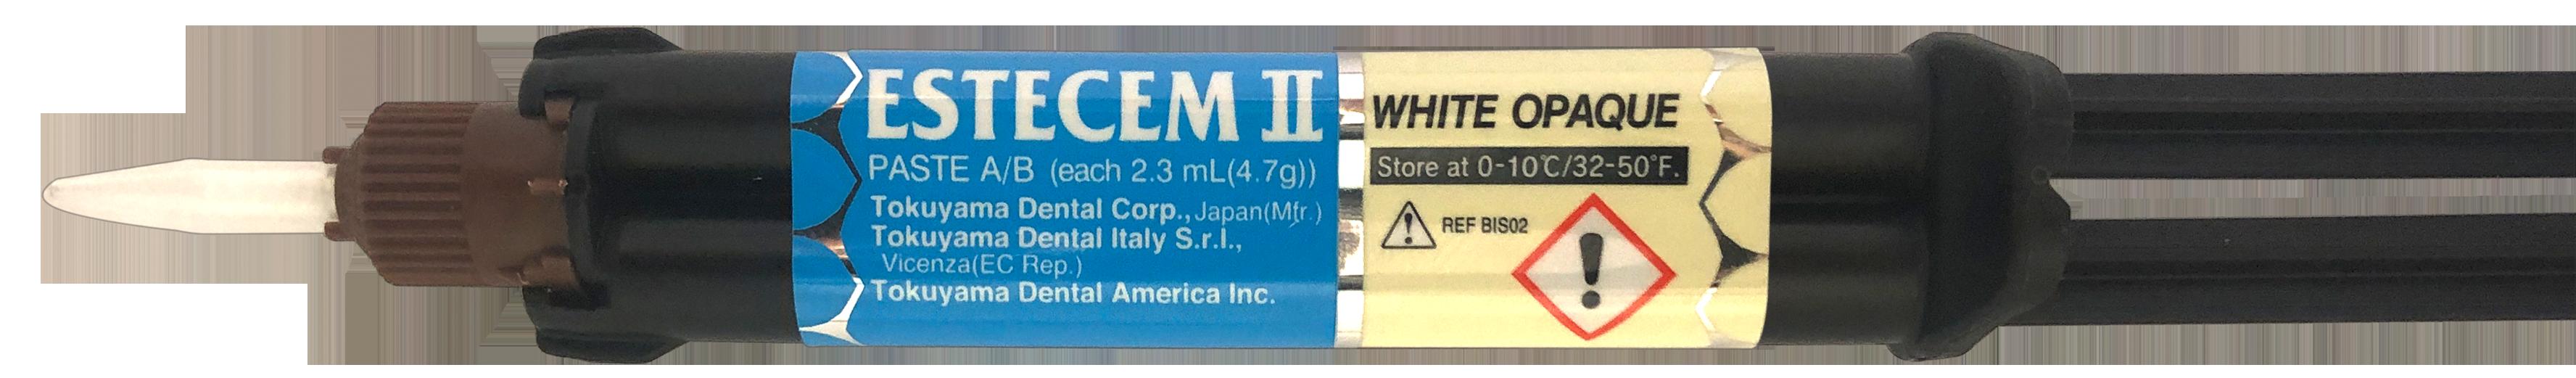 syringe-whiteopaque